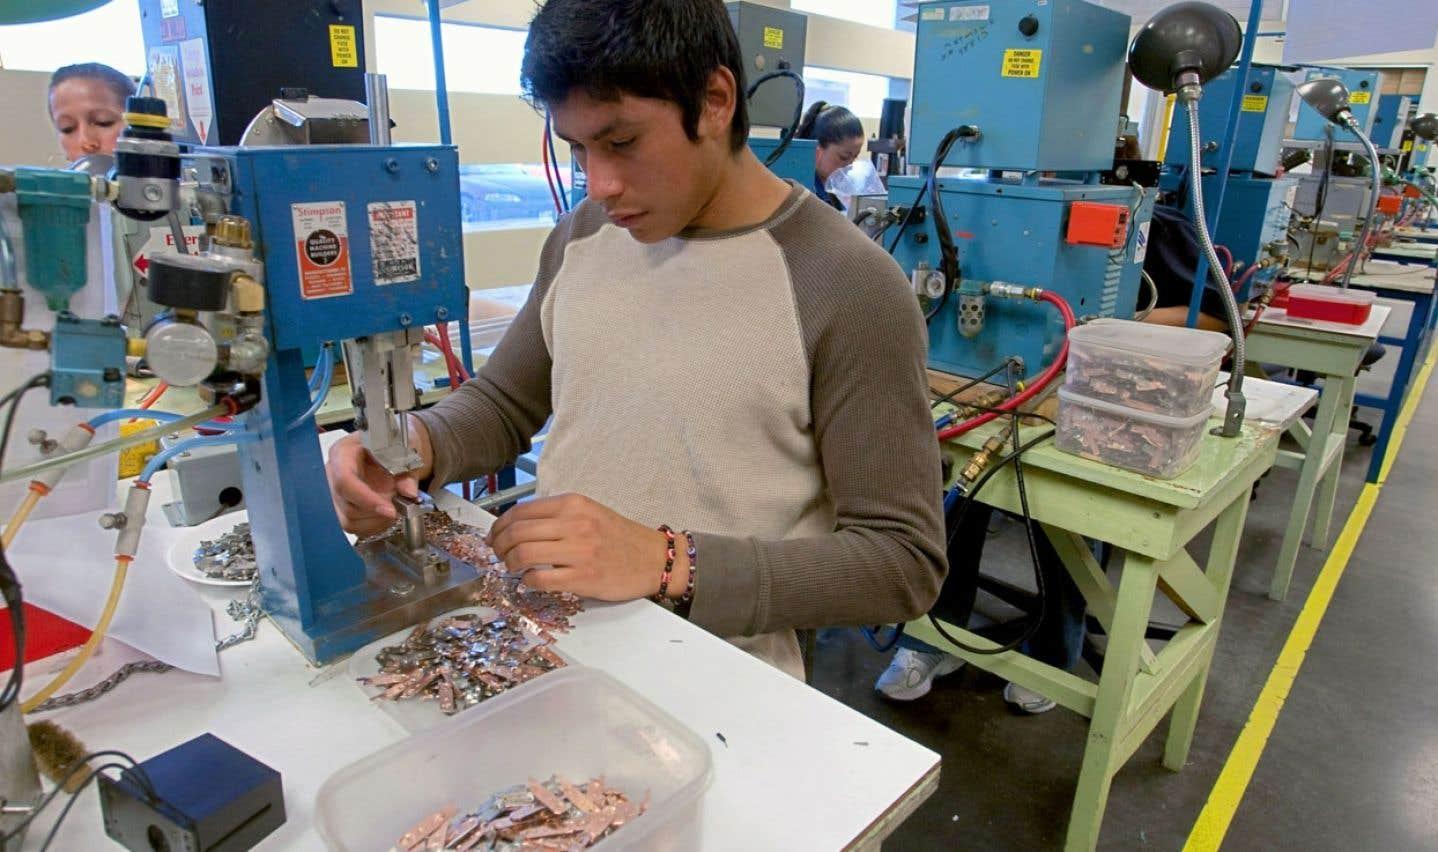 Un ouvrier est à l'œuvre dans une maquiladora de Ciudad Juárez, au Mexique, près de la frontière américaine.